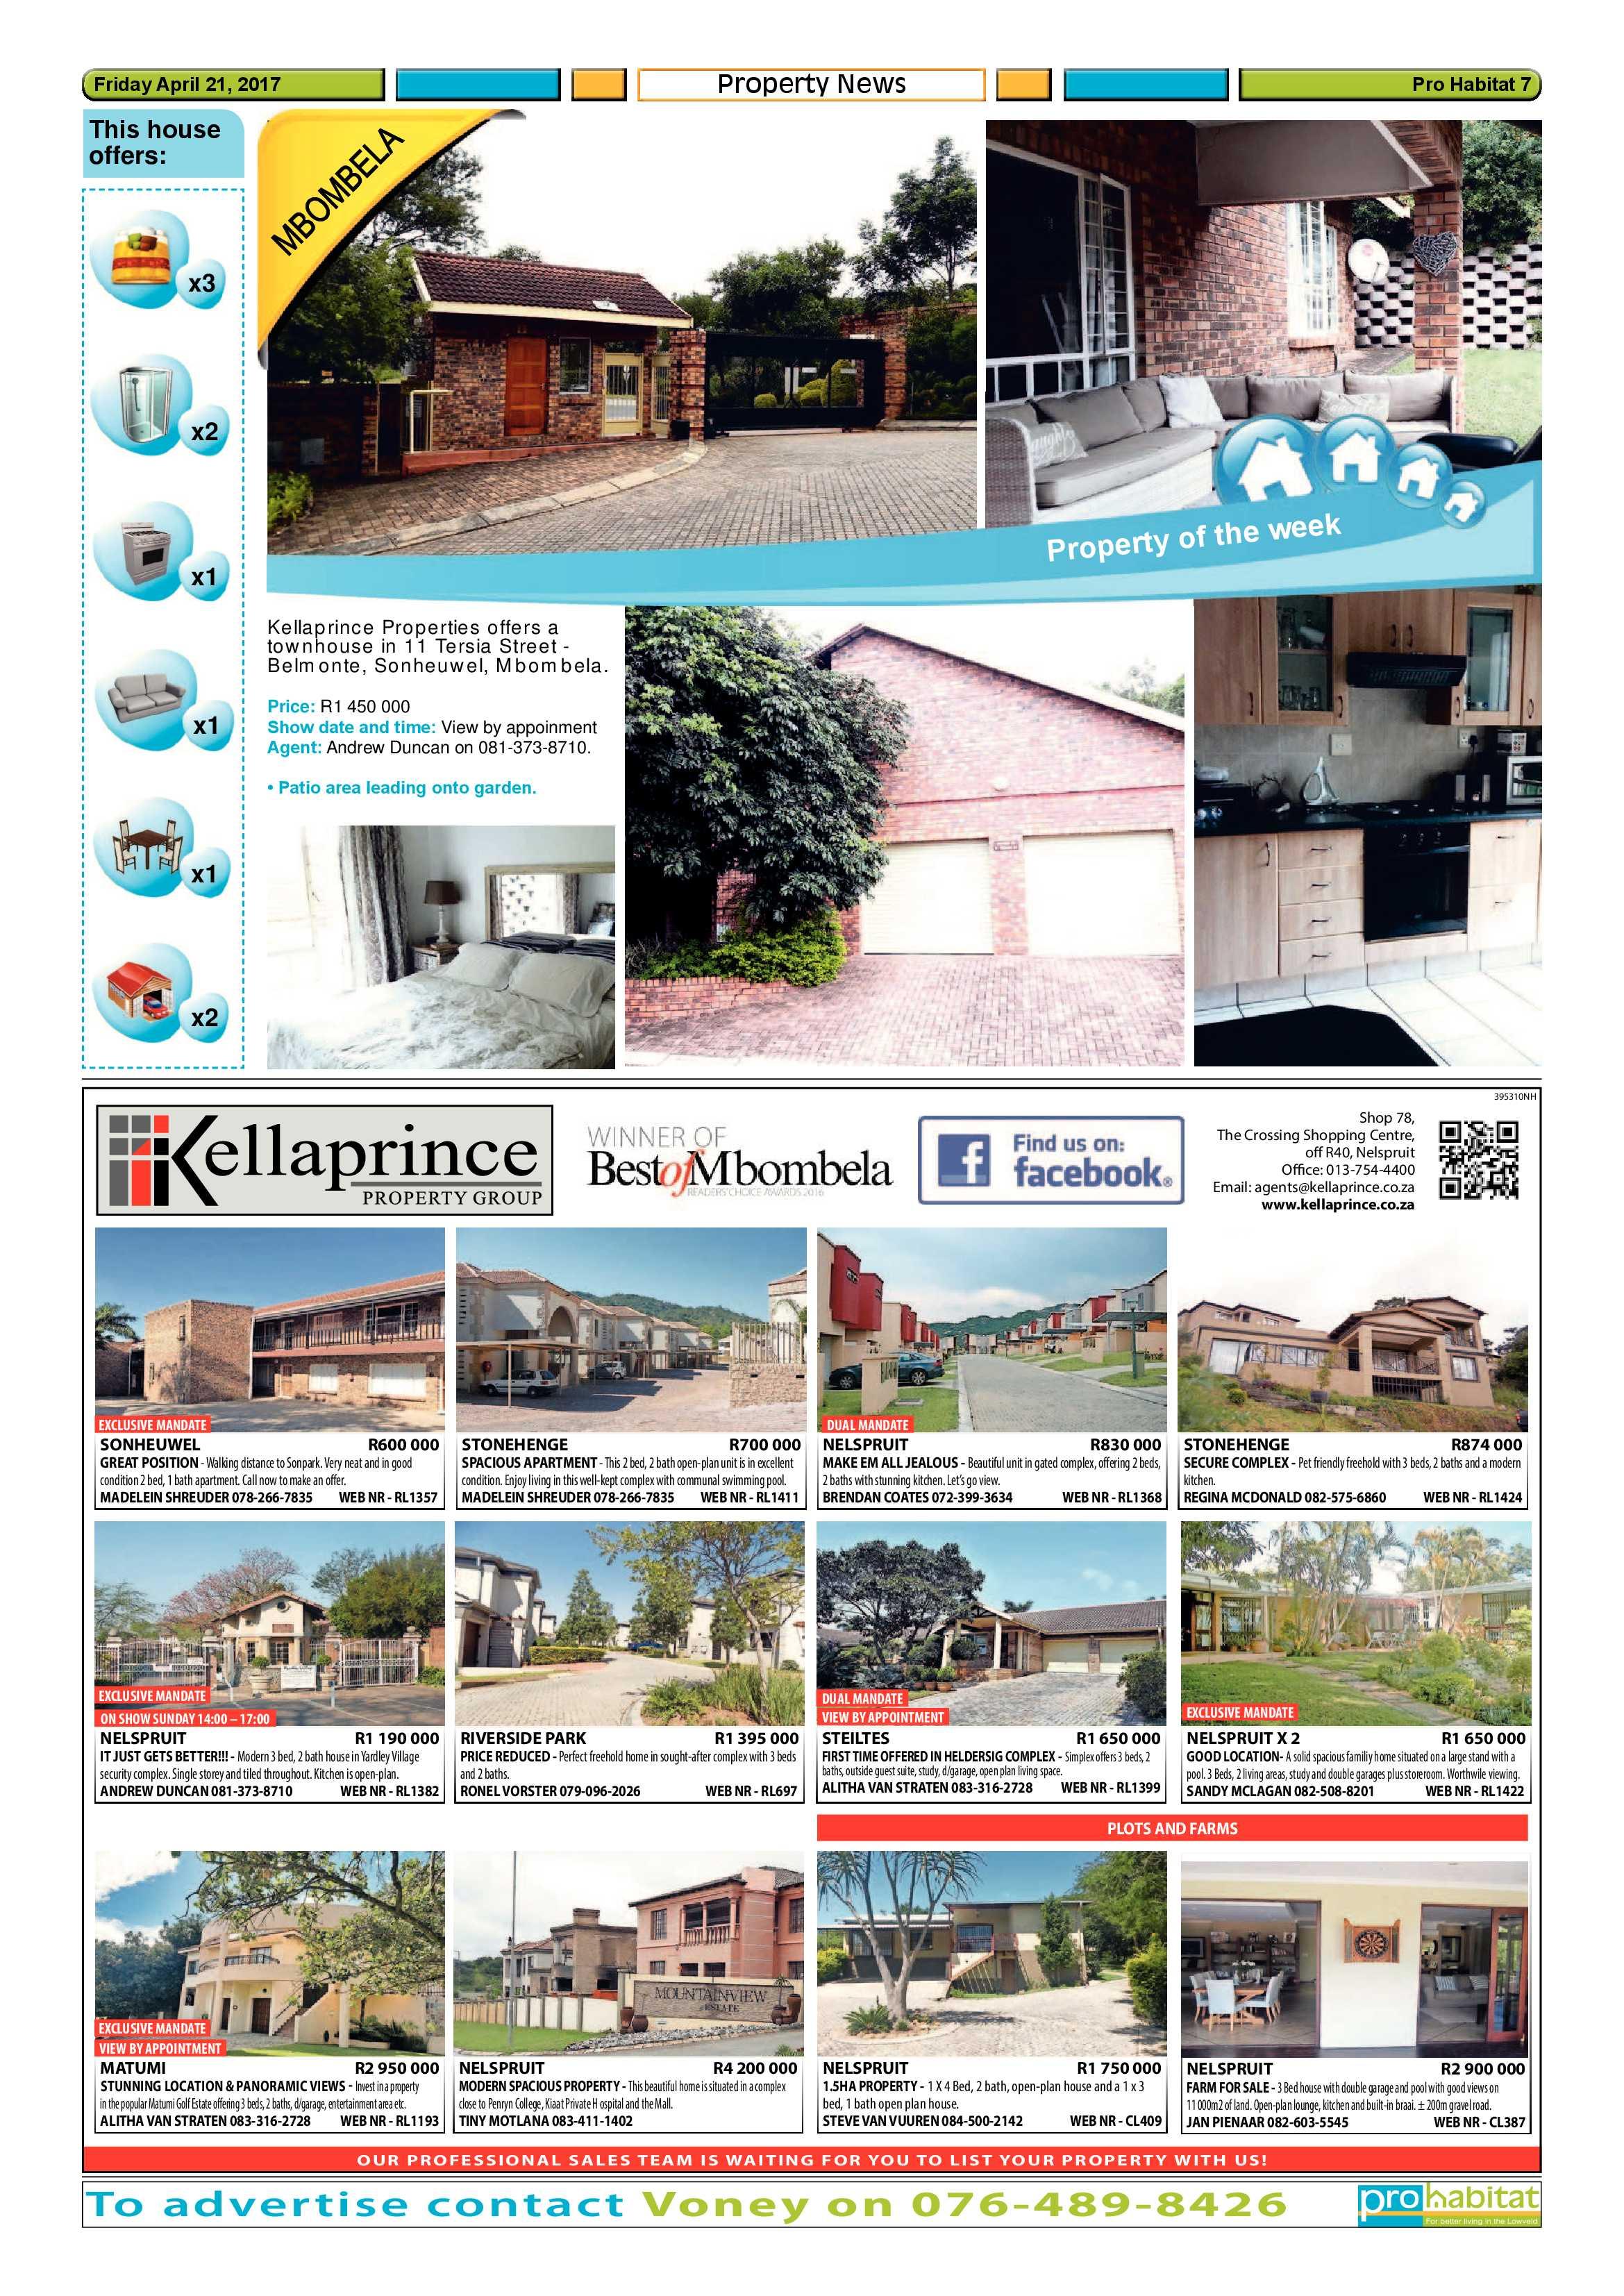 prohabitat-21-april-2017-epapers-page-7